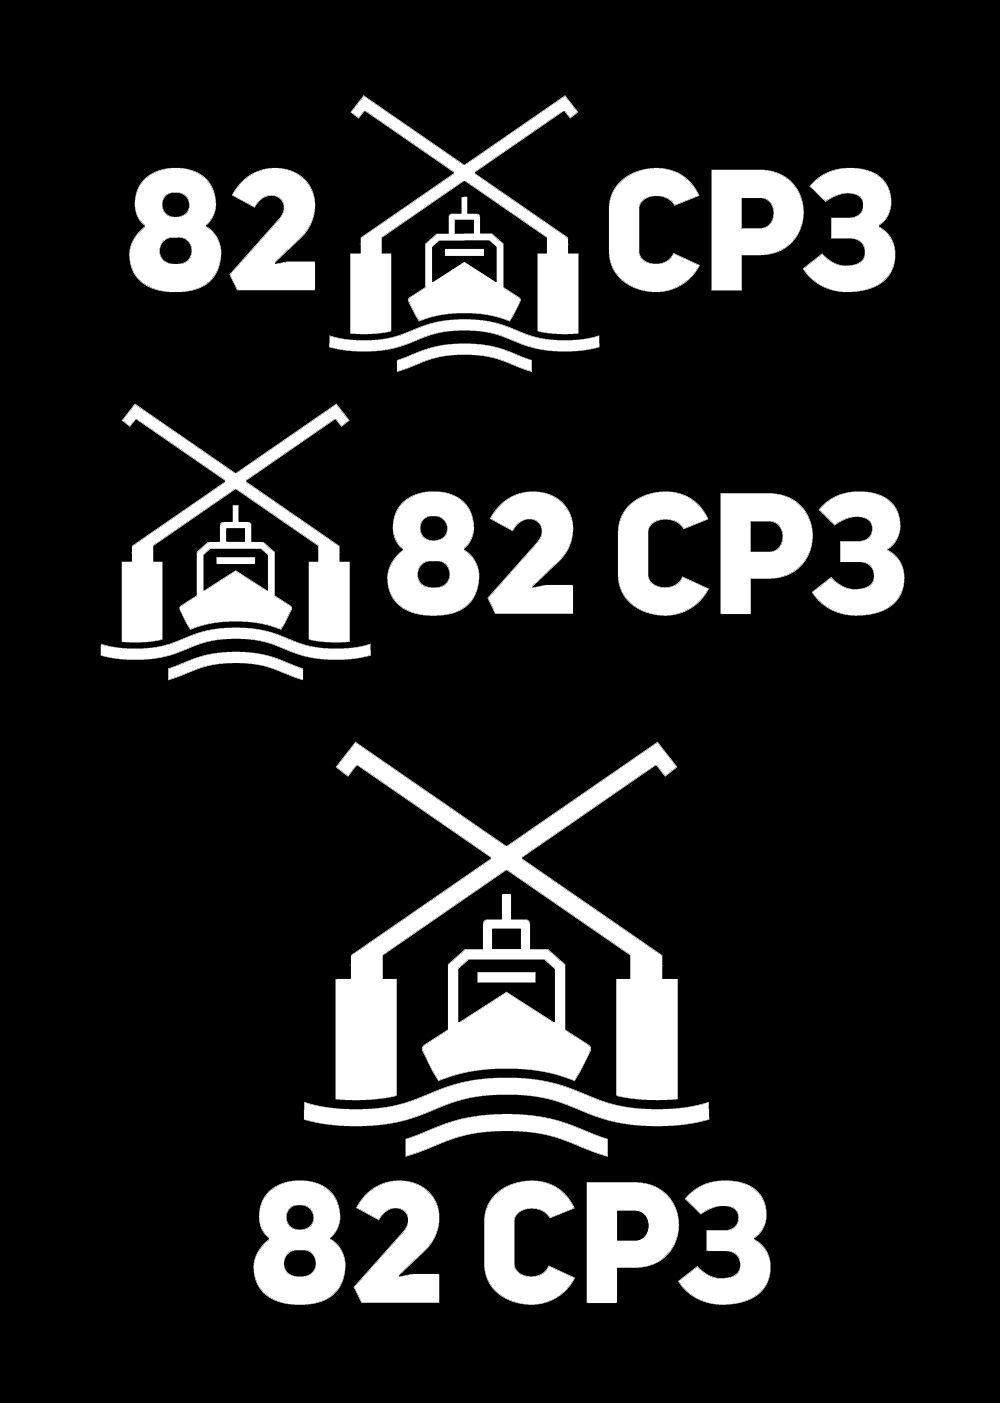 Логотип для судоремонтного завода - дизайнер doinspce